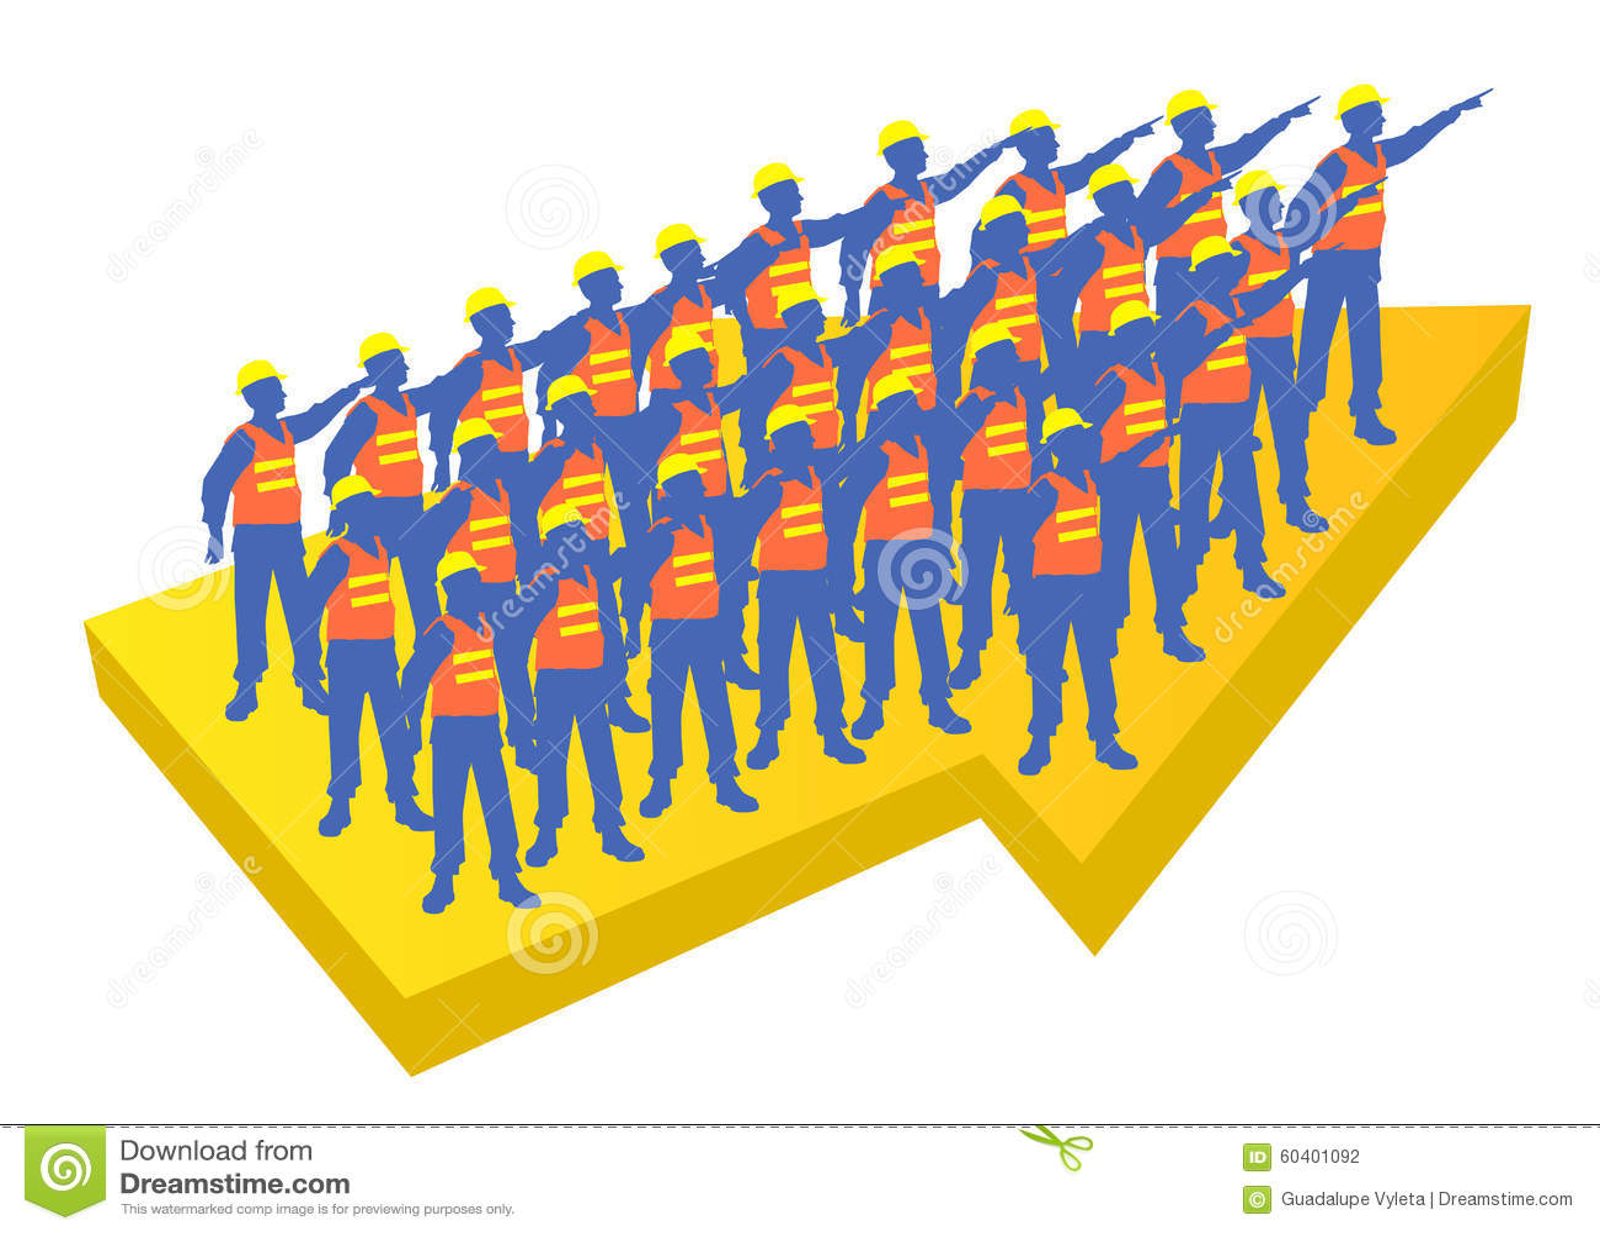 指向同一个方向的工作者队在一个黄色箭头